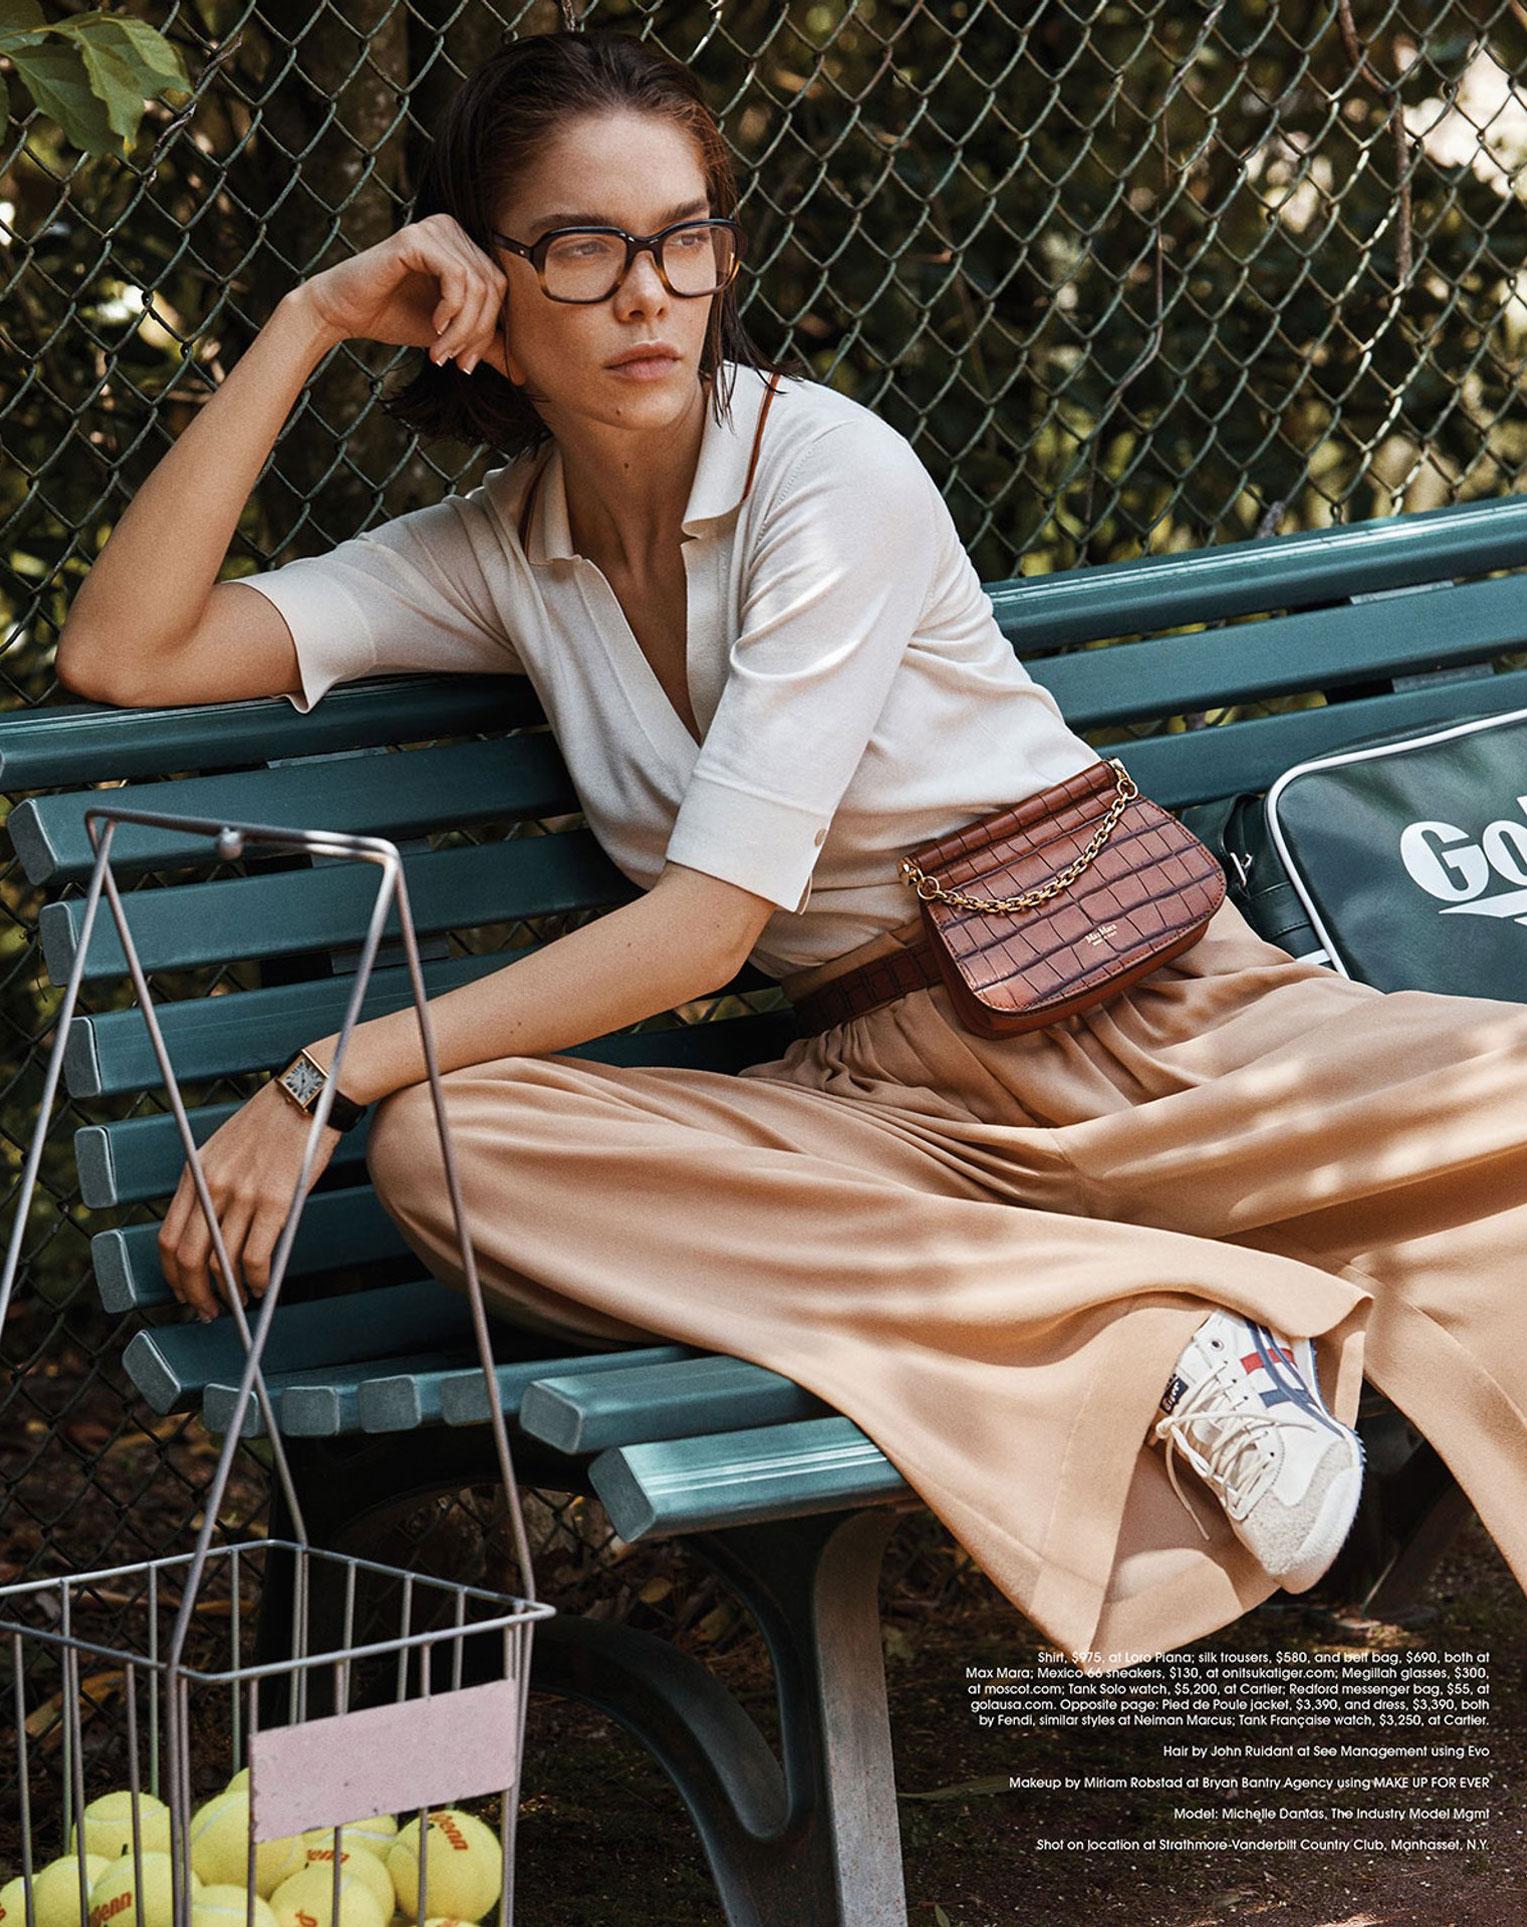 -Королева кортов- Мишель Дантас в модной одежде спортивного стиля / фото 03